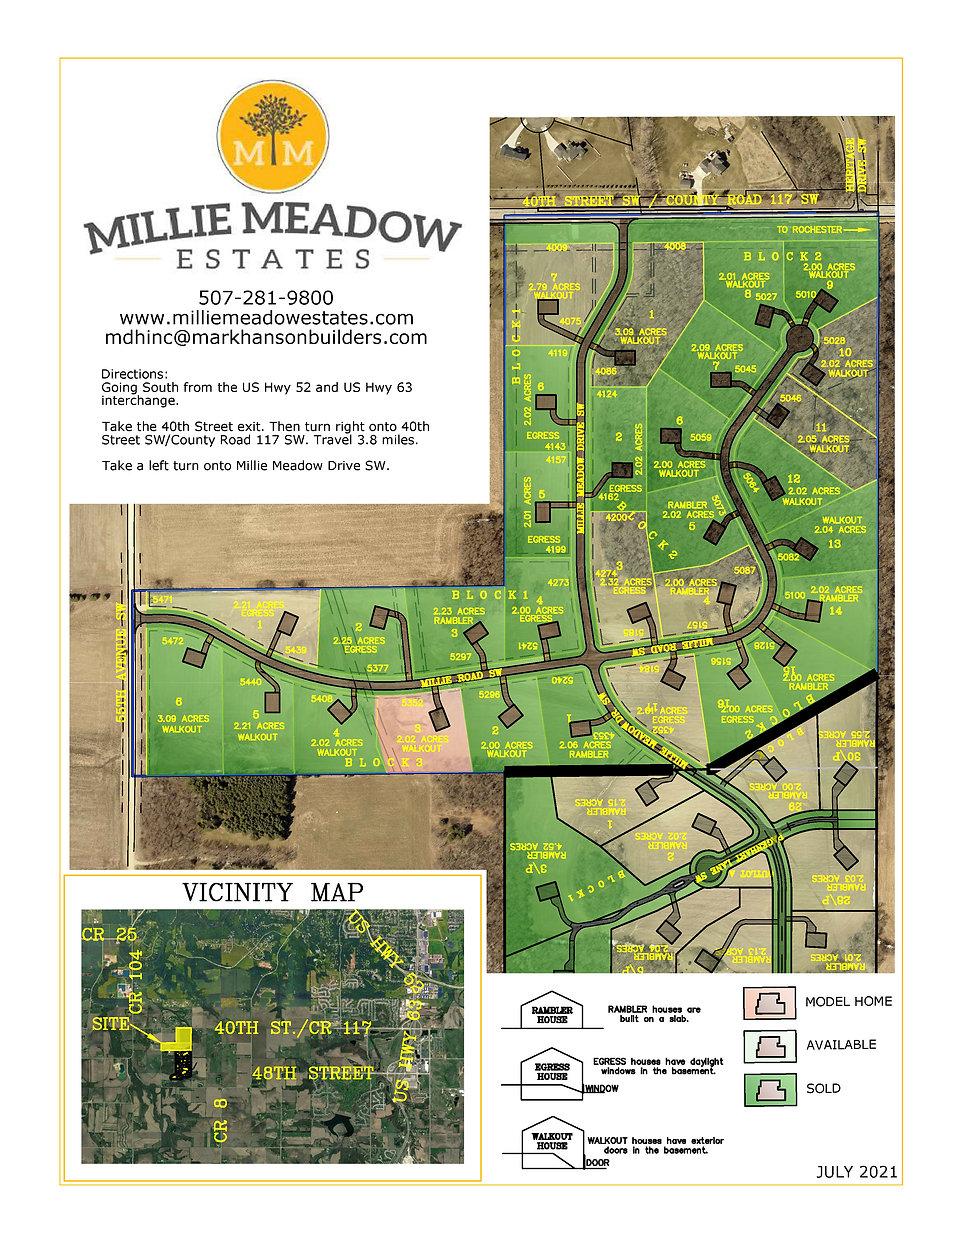 17-082 Millie Meadow estates first 7-19-2021.jpg